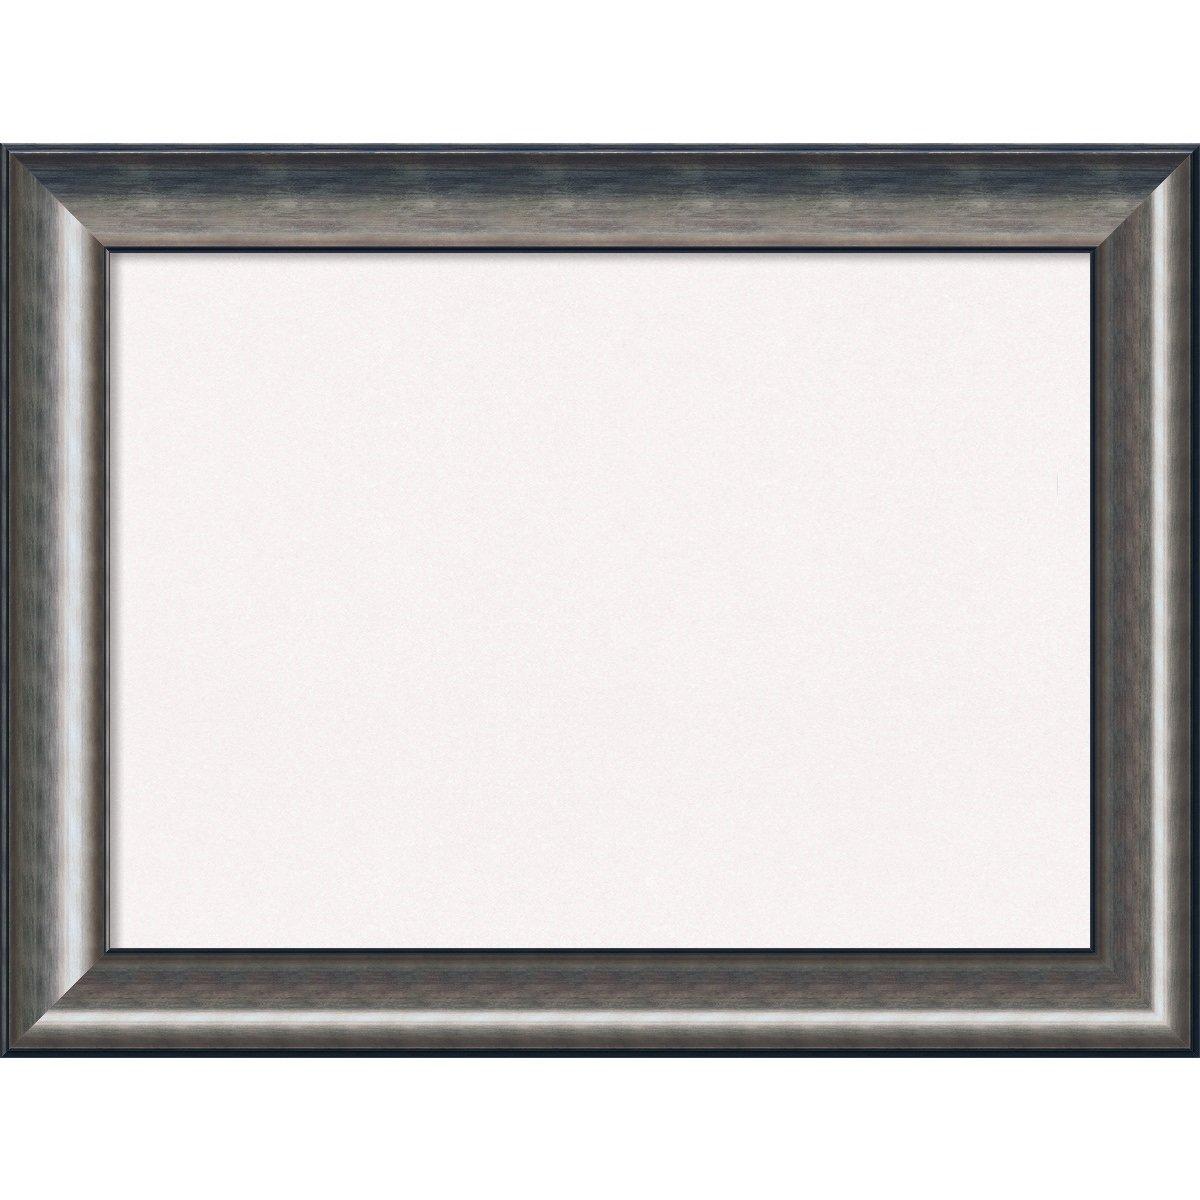 Amanti Art Framed White Cork Board Bulletin Board | White Cork Boards Quicksilver Scoop Frame | Framed Bulletin Boards | 33.75 x 25.75